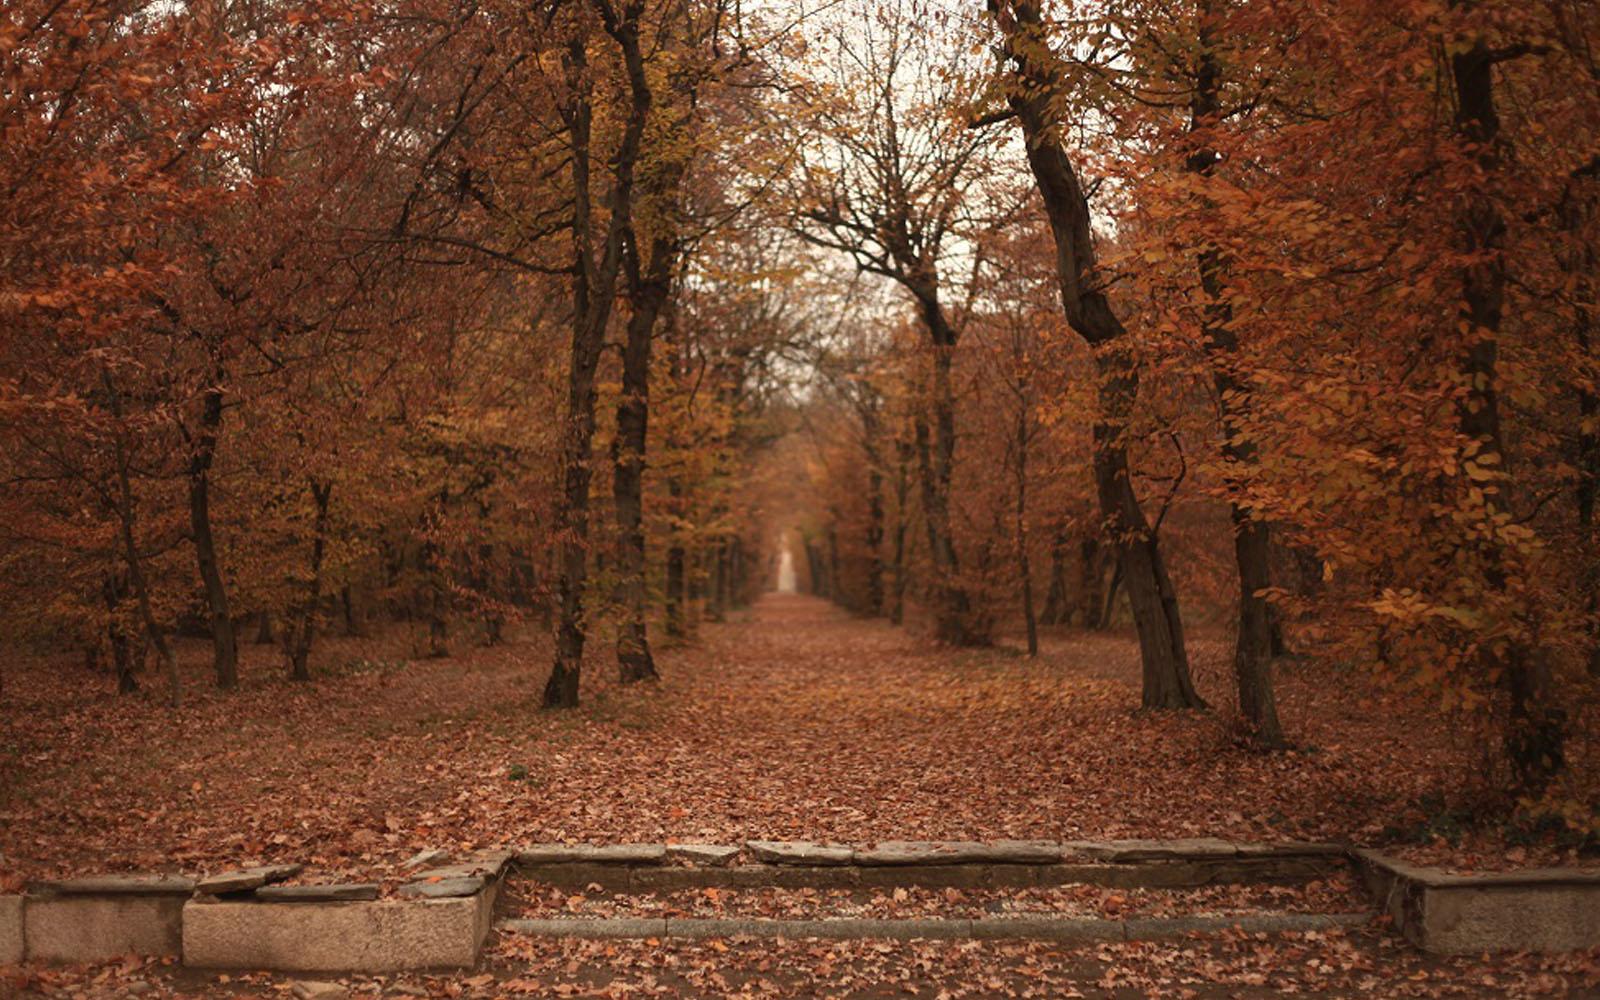 Uno scorcio del giardino di Villa Arconati in autunno.